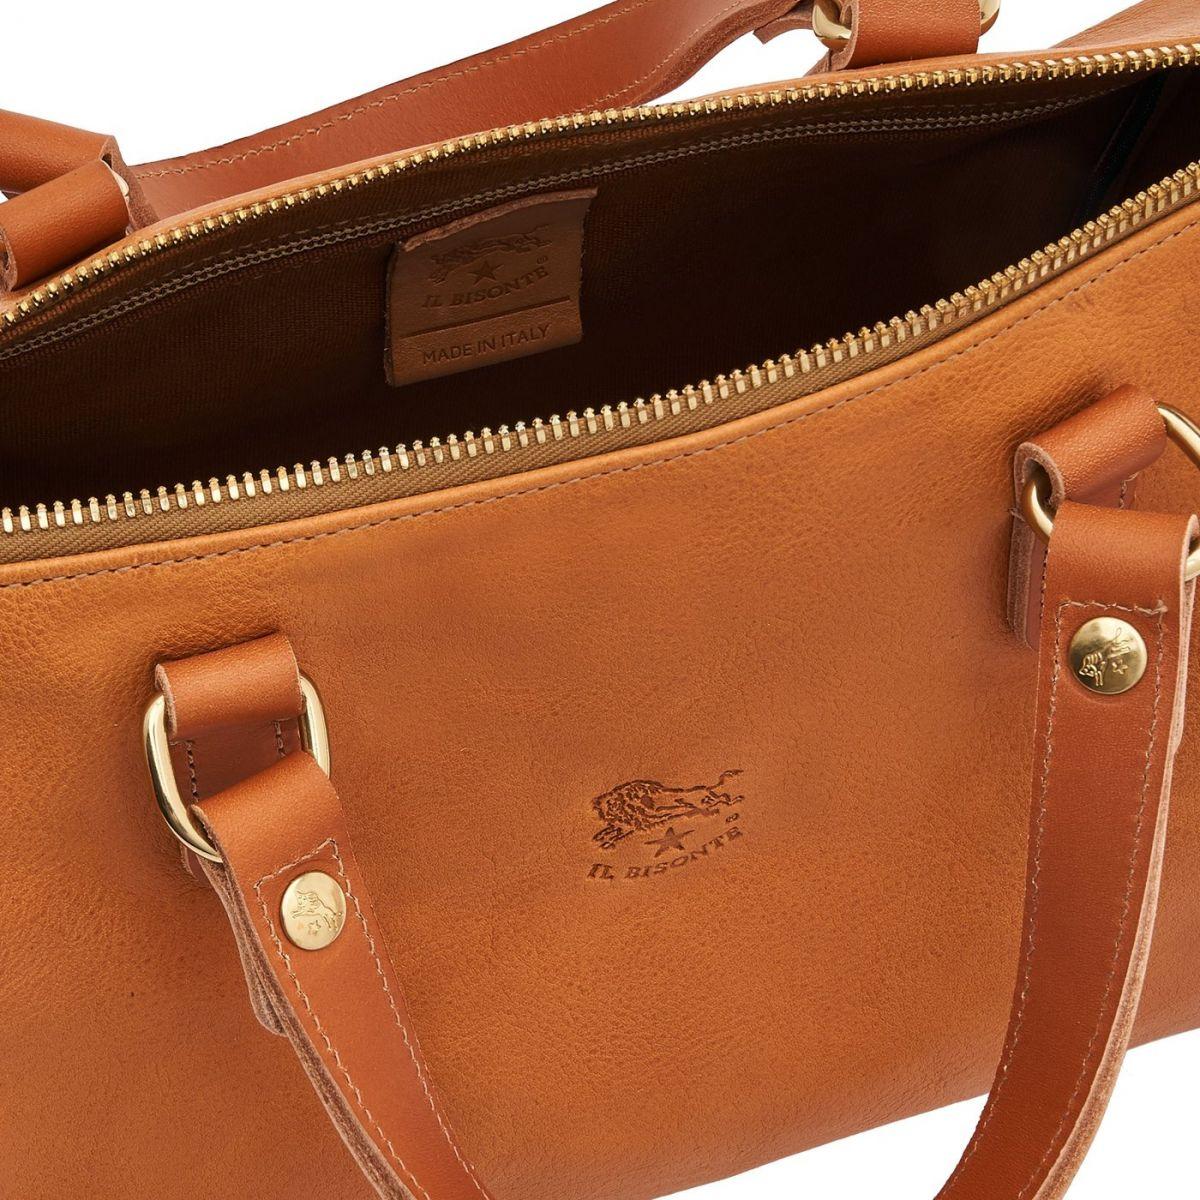 Women's Handbag in Vintage Cowhide Leather BTH019 color Natural | Details